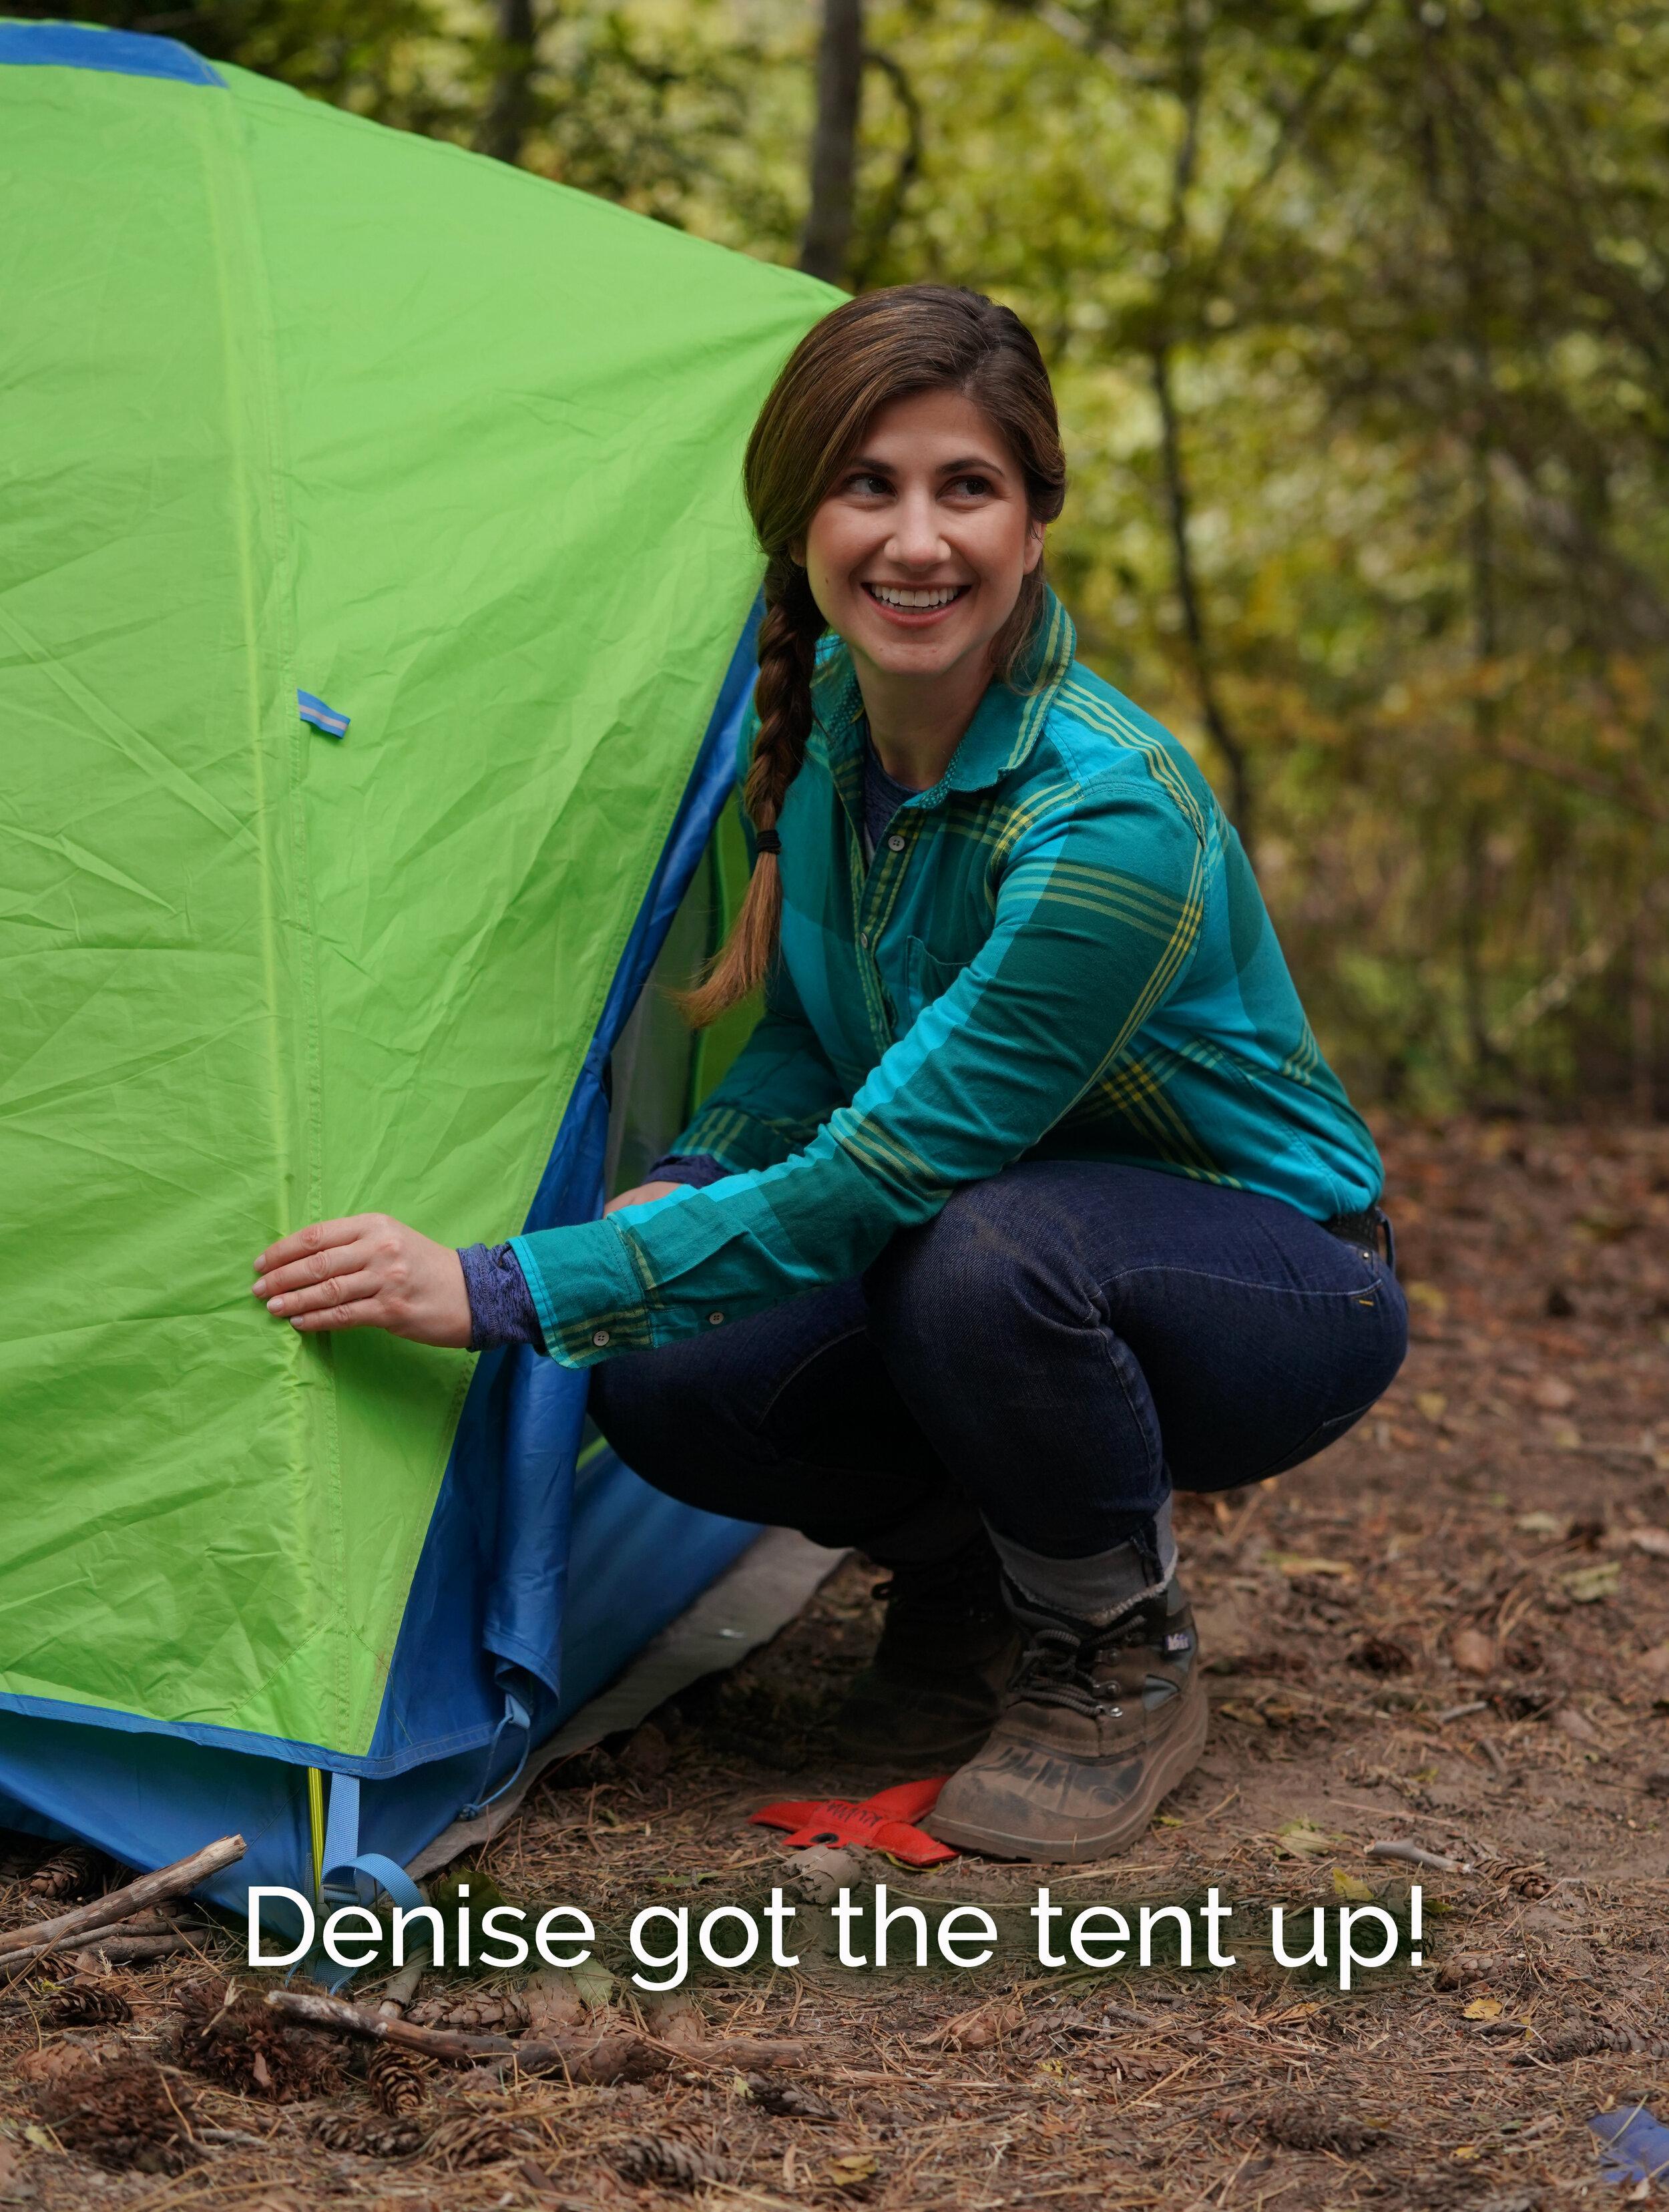 Denise got the tent up.JPG